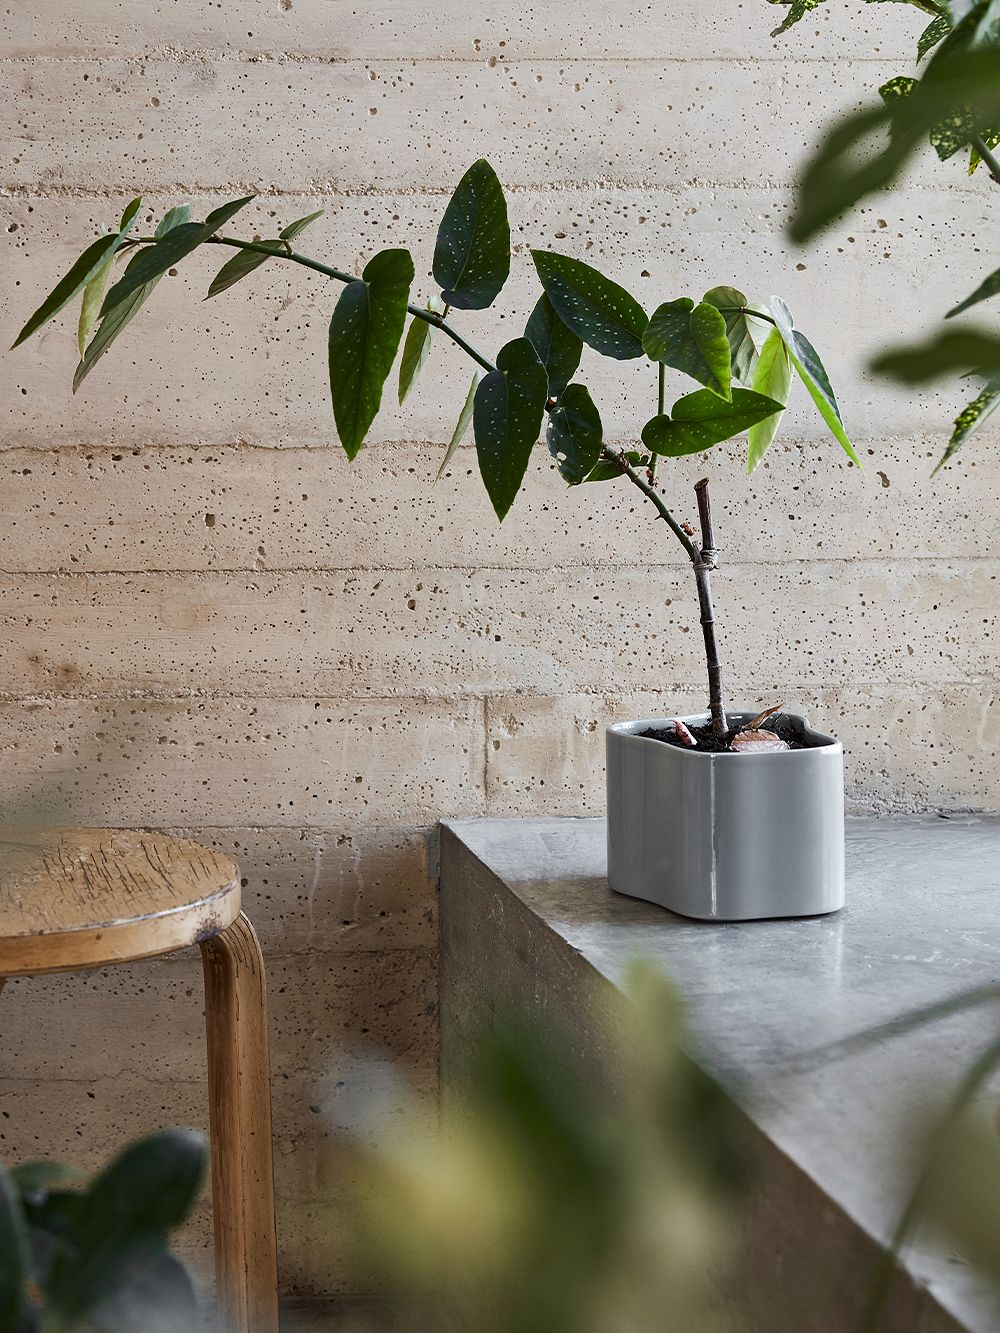 Artek Riihitie plant pot in grey